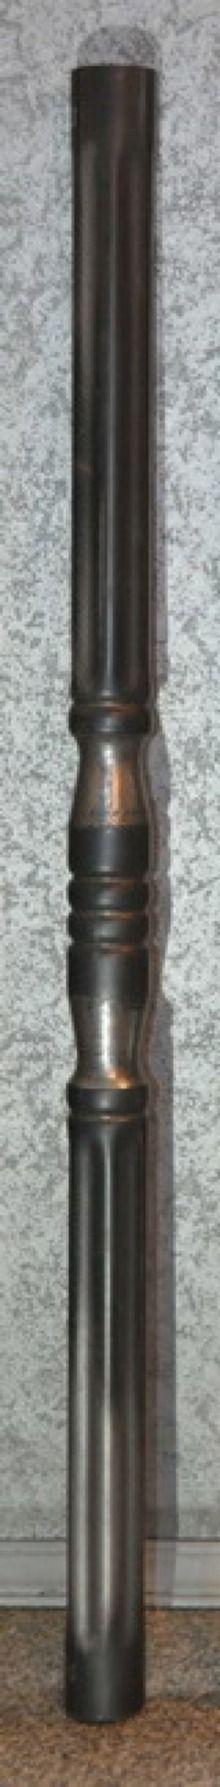 ВБ-15 Стильная кованая балясина для перил http://korolev-kovka.ru/vb15-stilnaja-kovanaja-baljasina-dlja-peril/  ВБ-15 Стильная кованая балясина для перил отличается своим привлекательным дизайном и оригинальной обработкой поверхности. Данный вид балясин для перил – это...